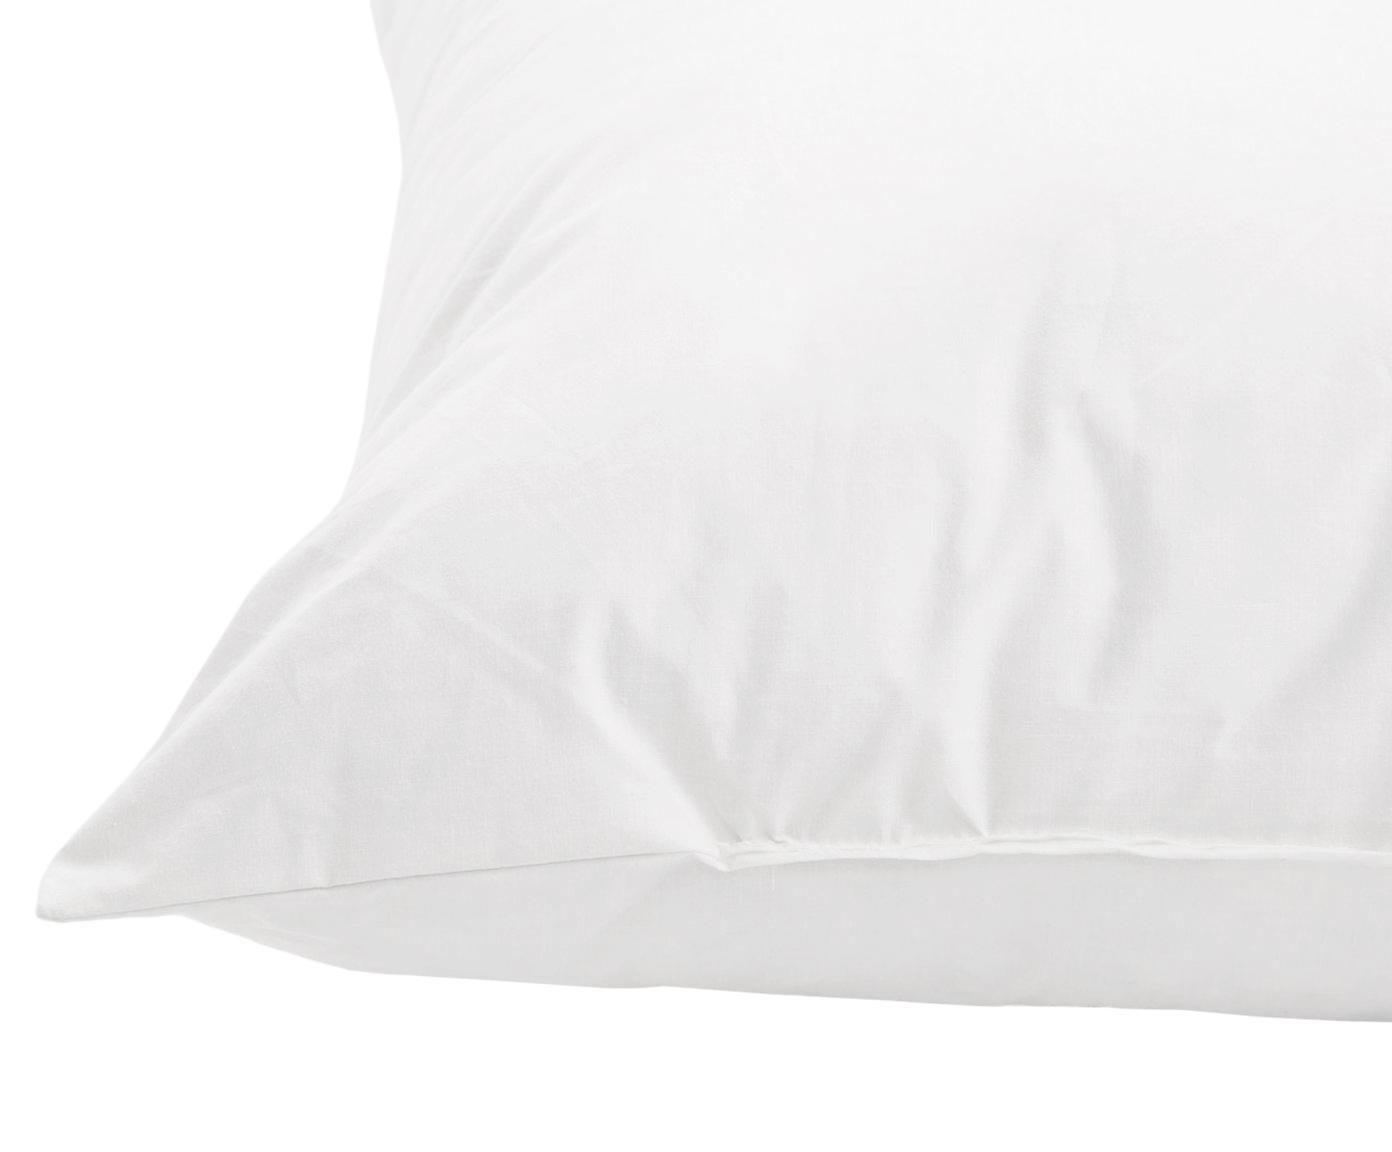 Wypełnienie poduszki dekoracyjnej Premium, 40 x 40, Biały, S 40 x D 40 cm